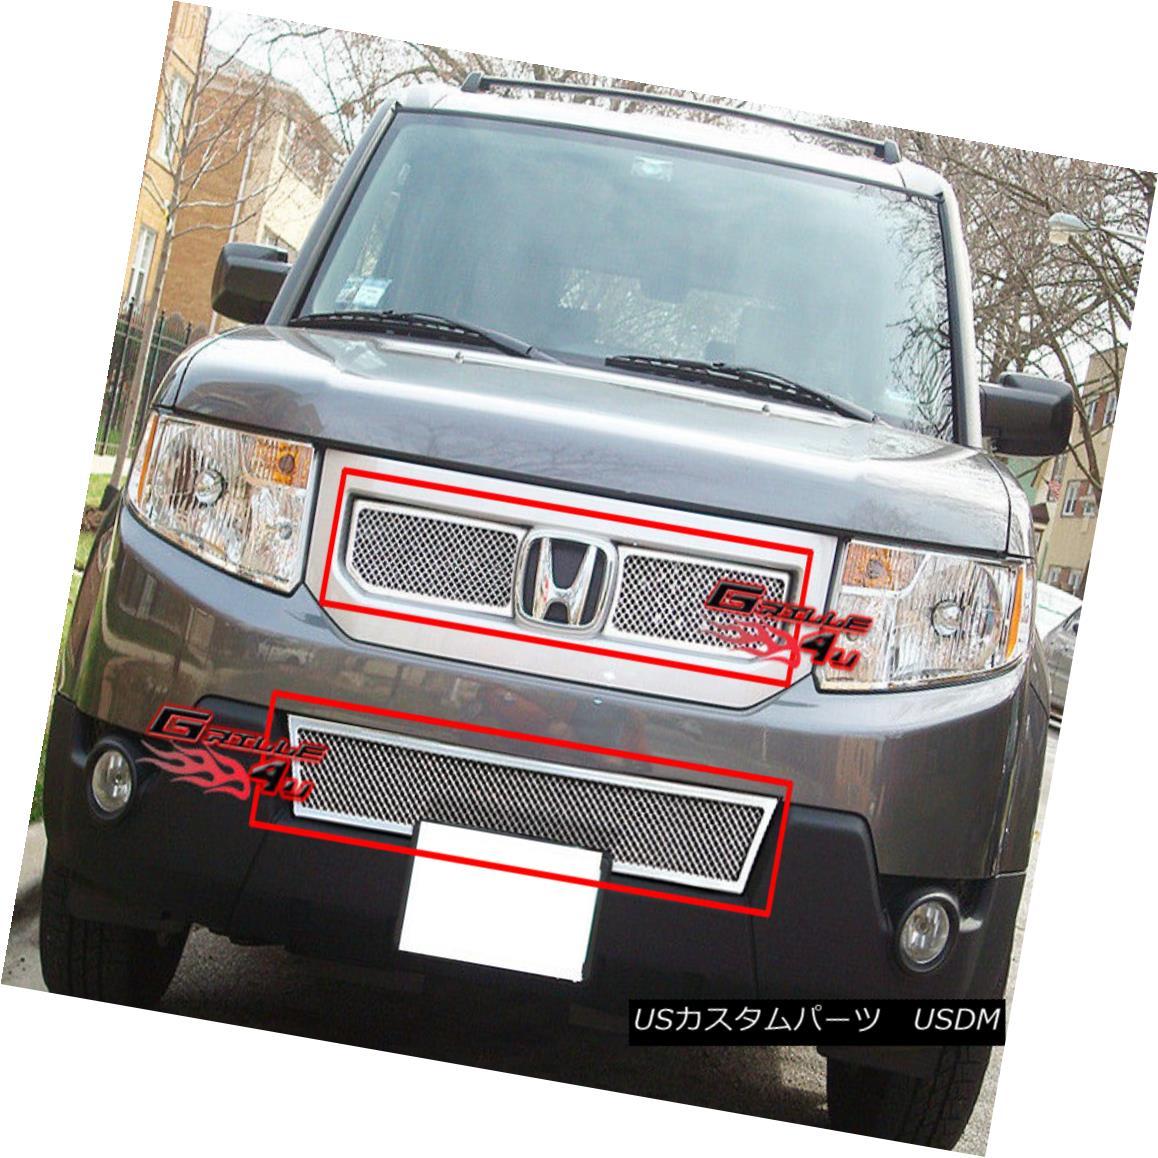 グリル Fits 09-11 2011 Honda Element Stainless Mesh Grille Combo フィット2011年9月11日ホンダエレメントステンレスメッシュグリルコンボ